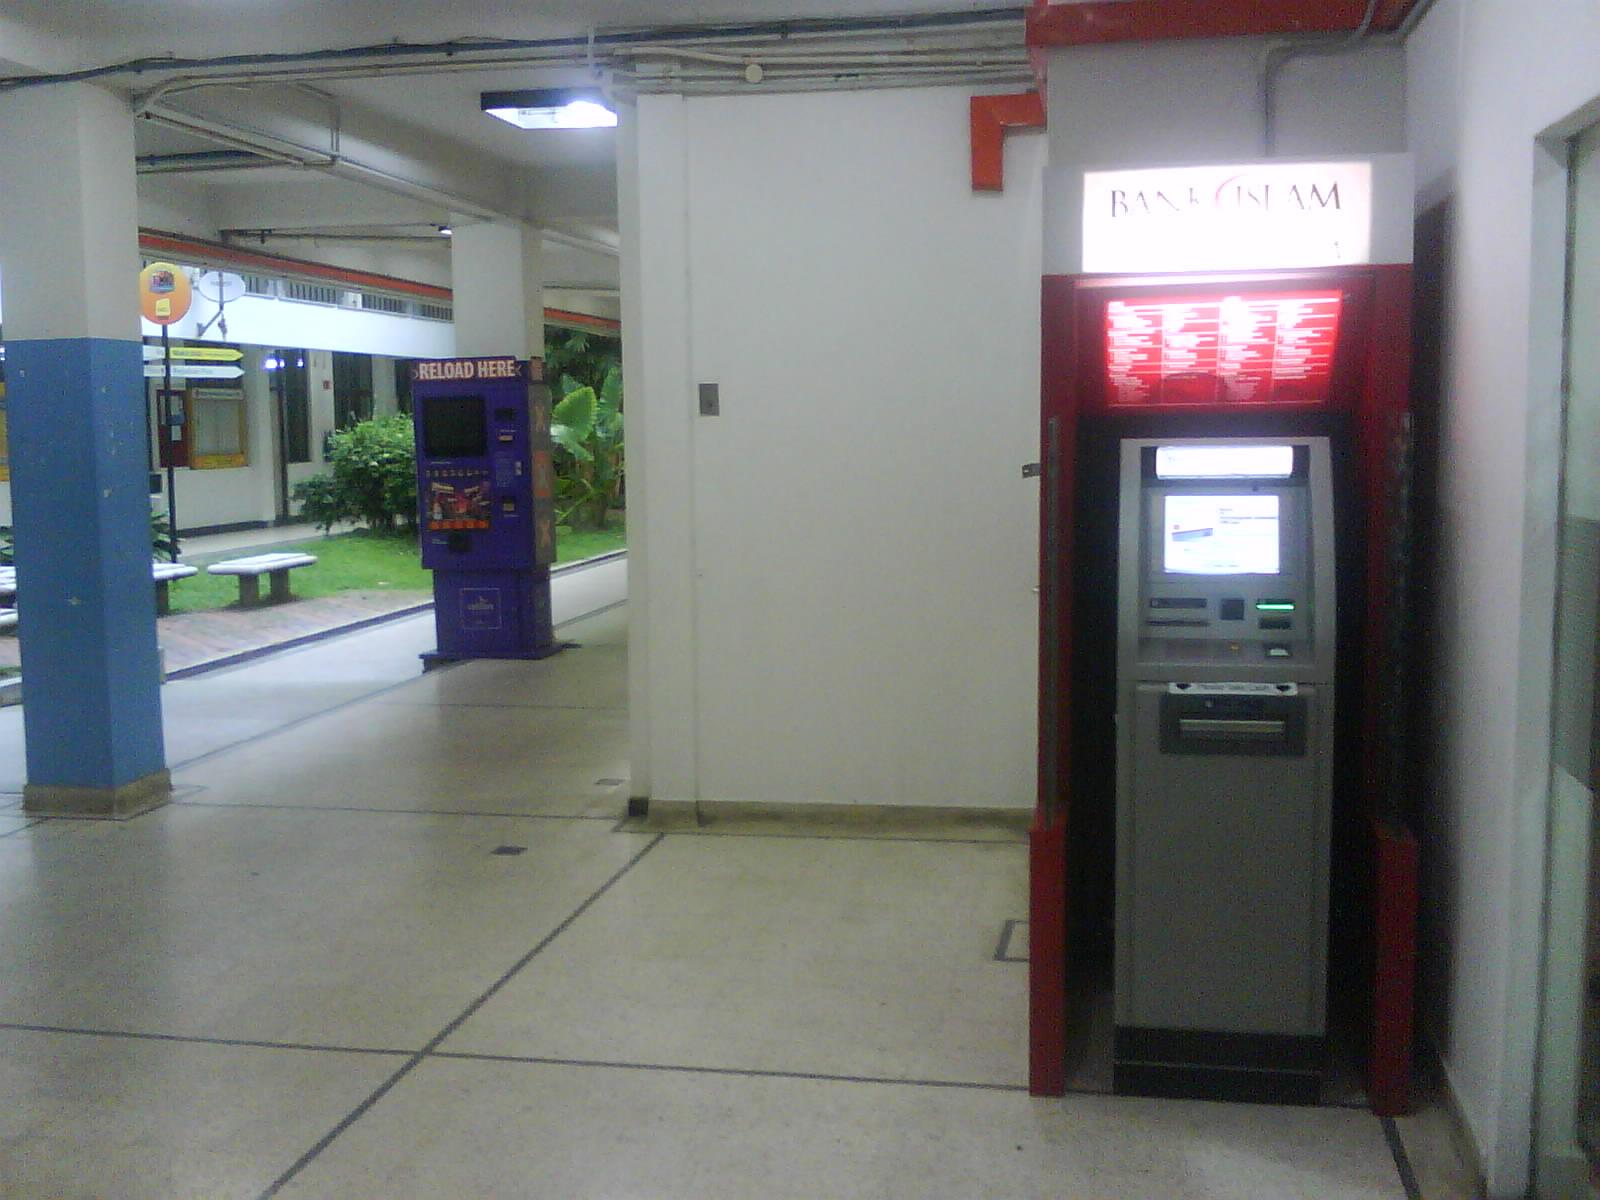 Mesin ATM Bank Islam di UTM